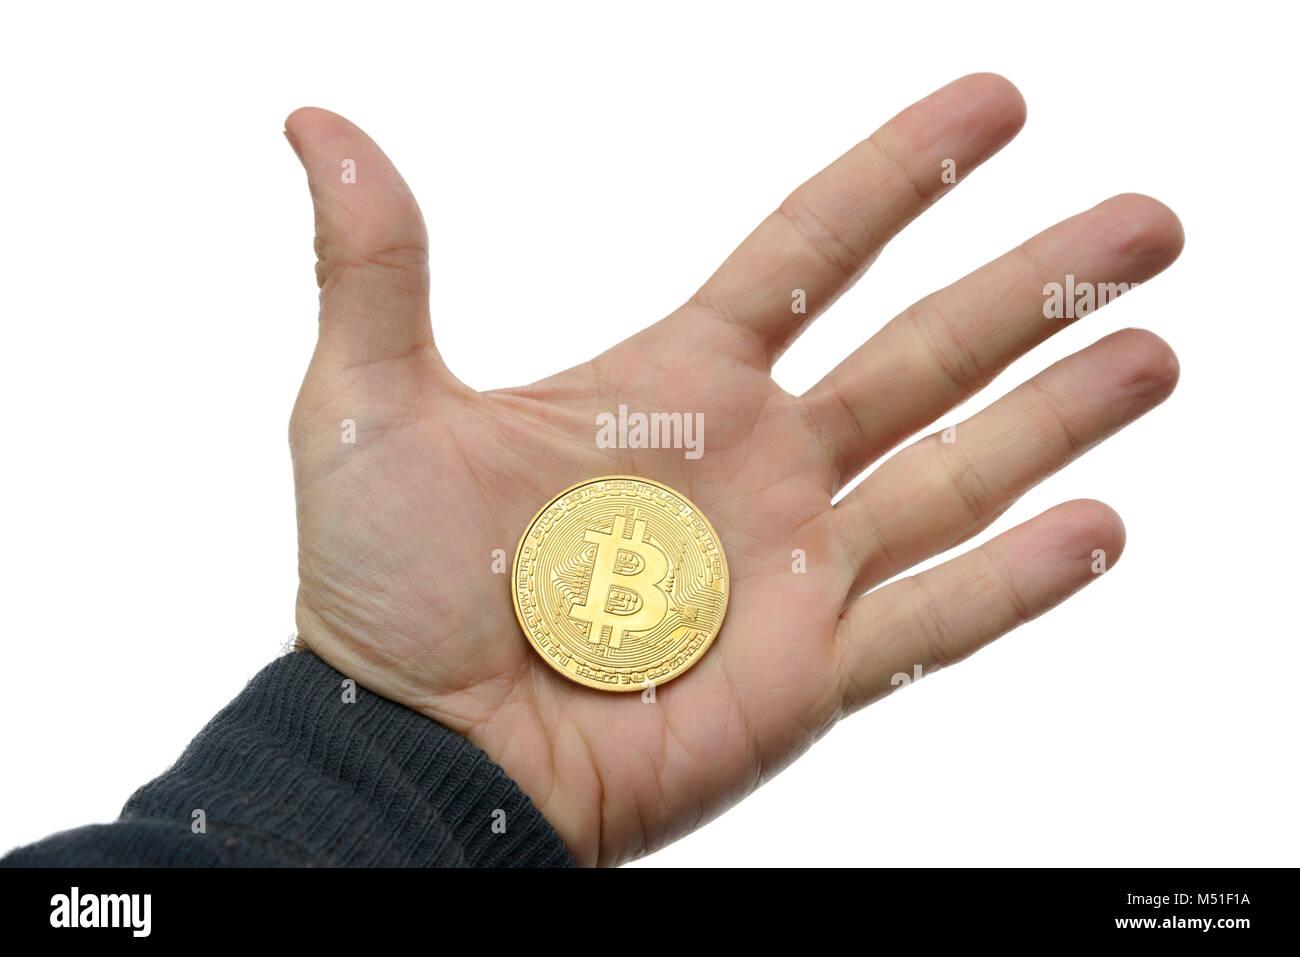 Person holding golden Bitcoin token Stock Photo